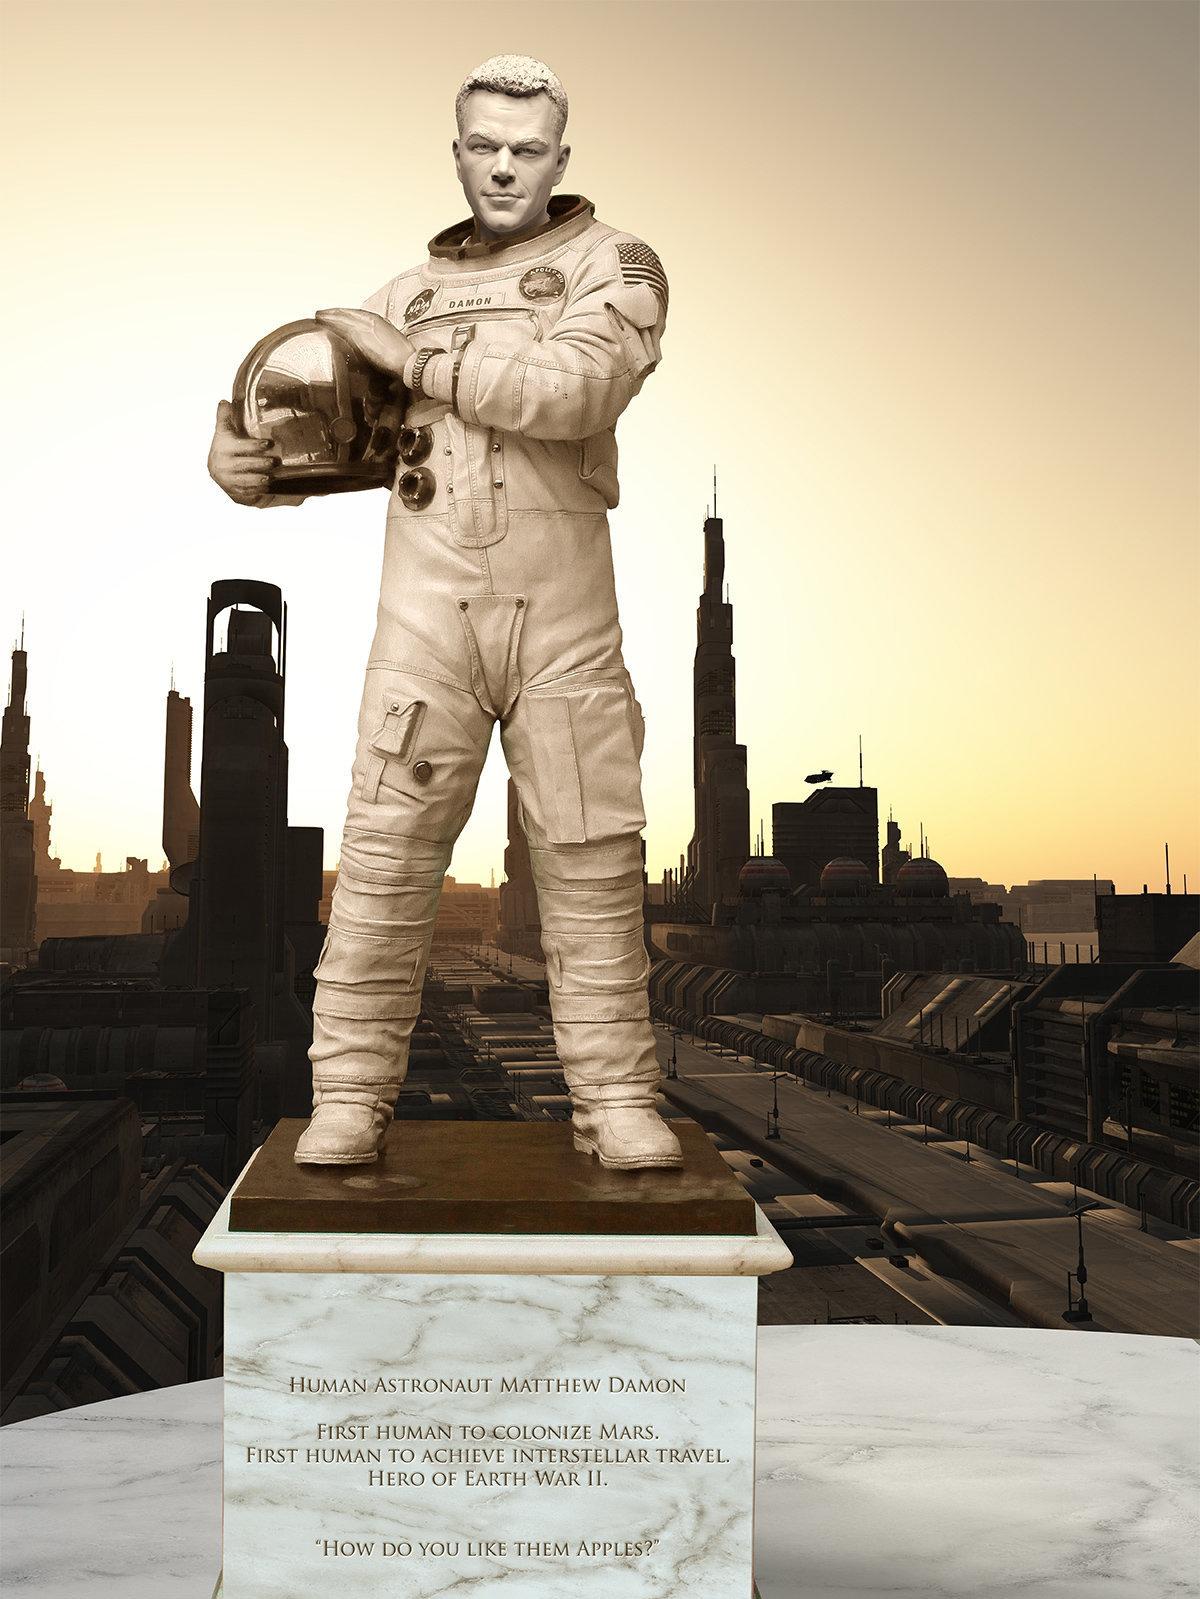 Hallan estatua de astronauta del pasado en la capital de Marte